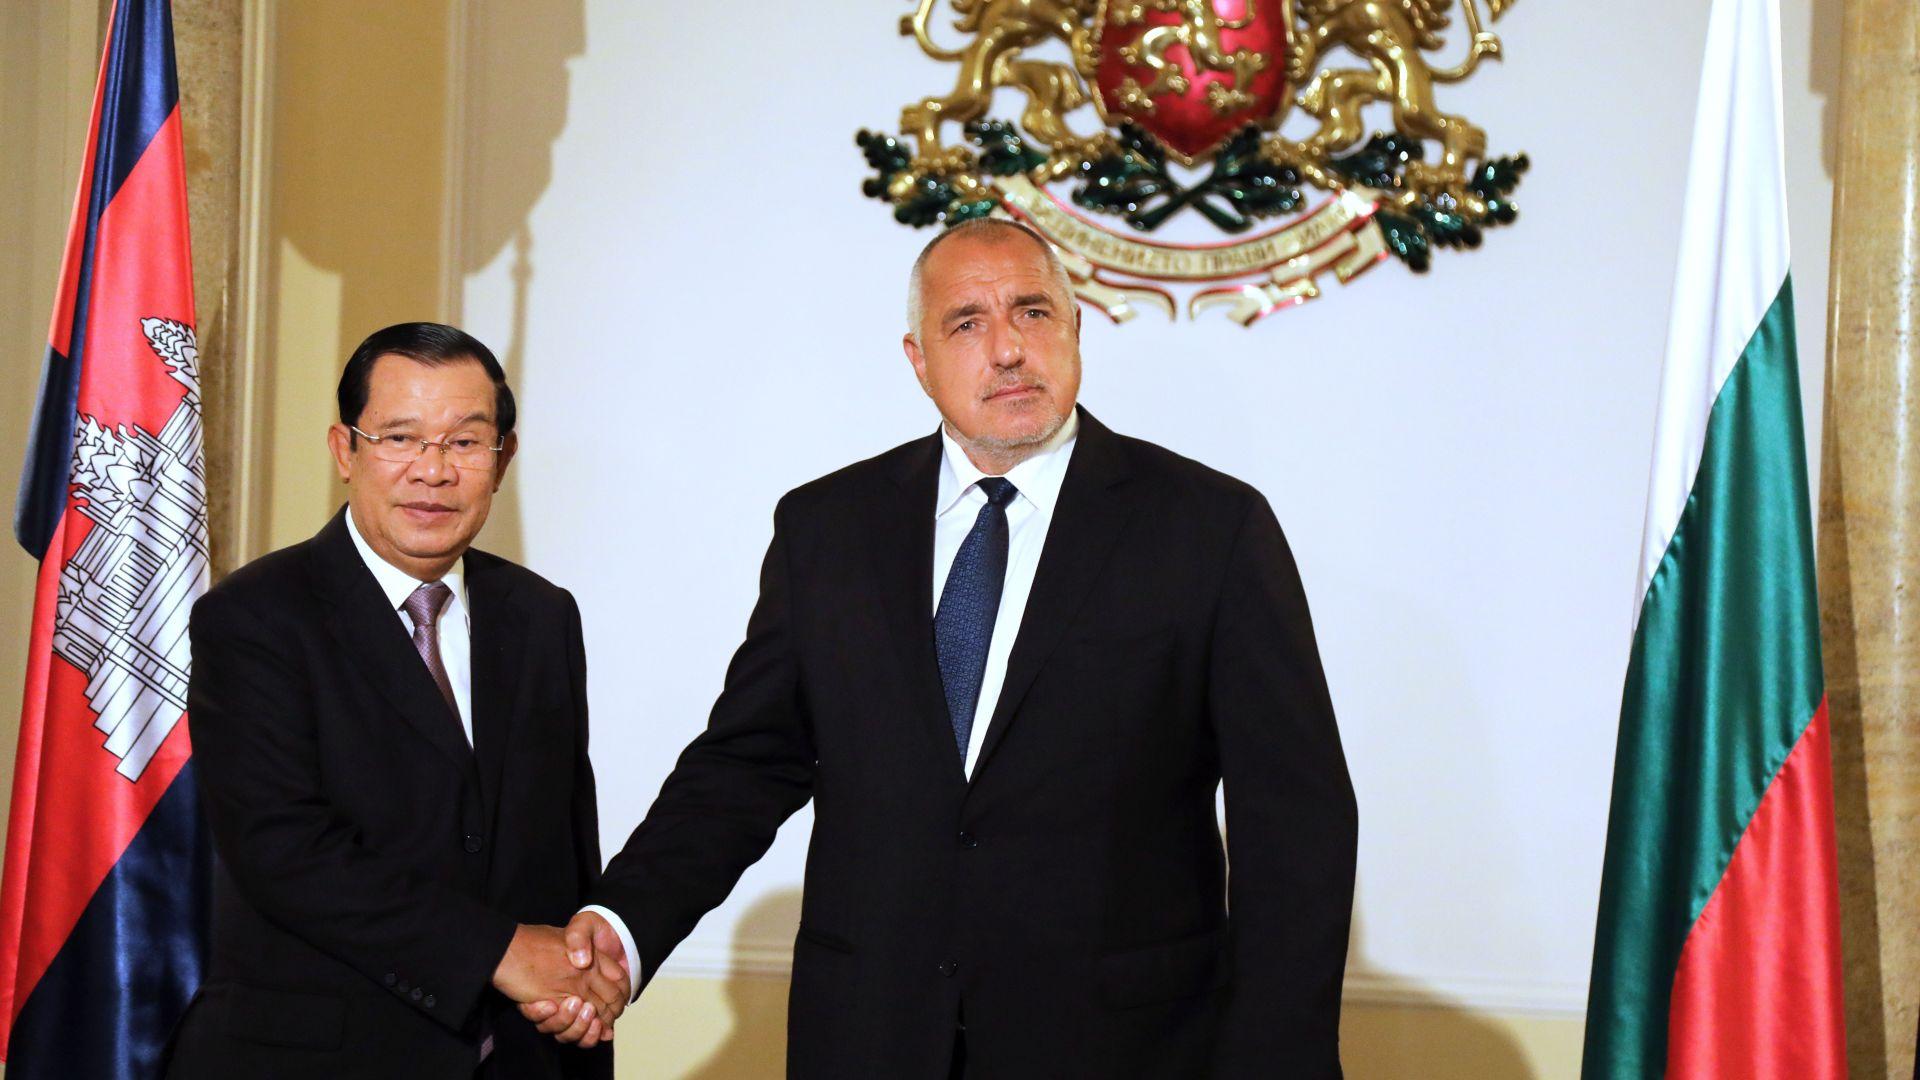 Борисов: Камбожда ще възстанови посолството си в София